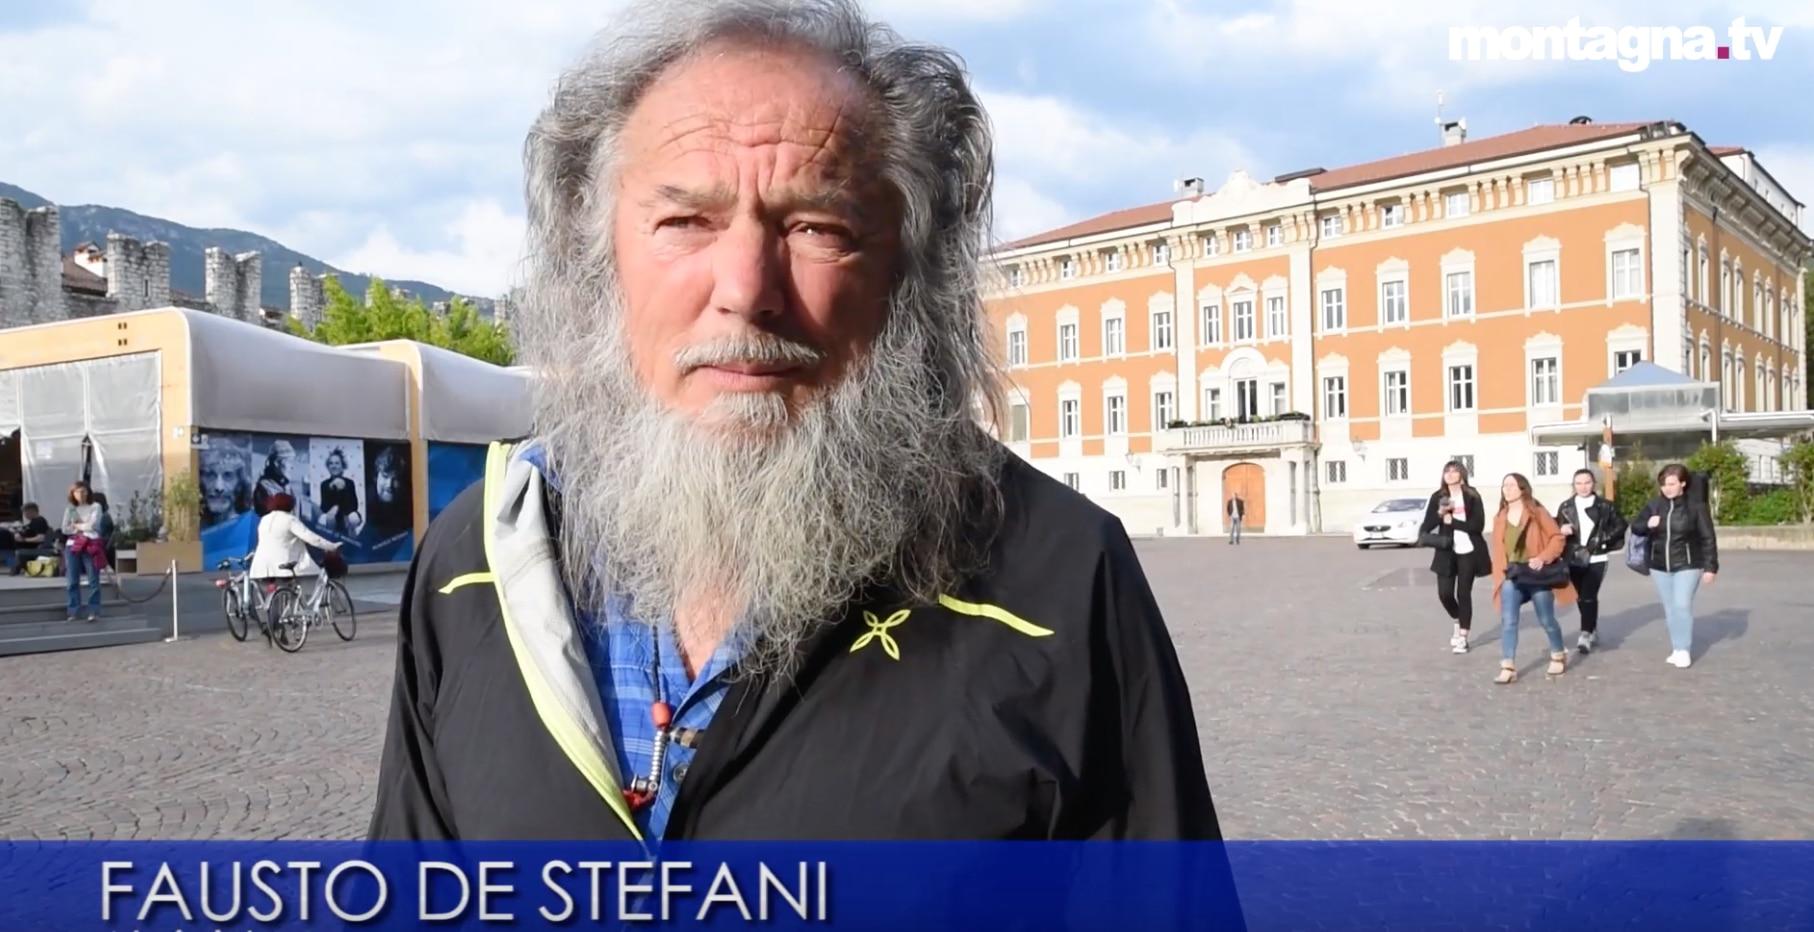 Photo of Dolomiti senza confini – video intervista a Fausto DeStefani